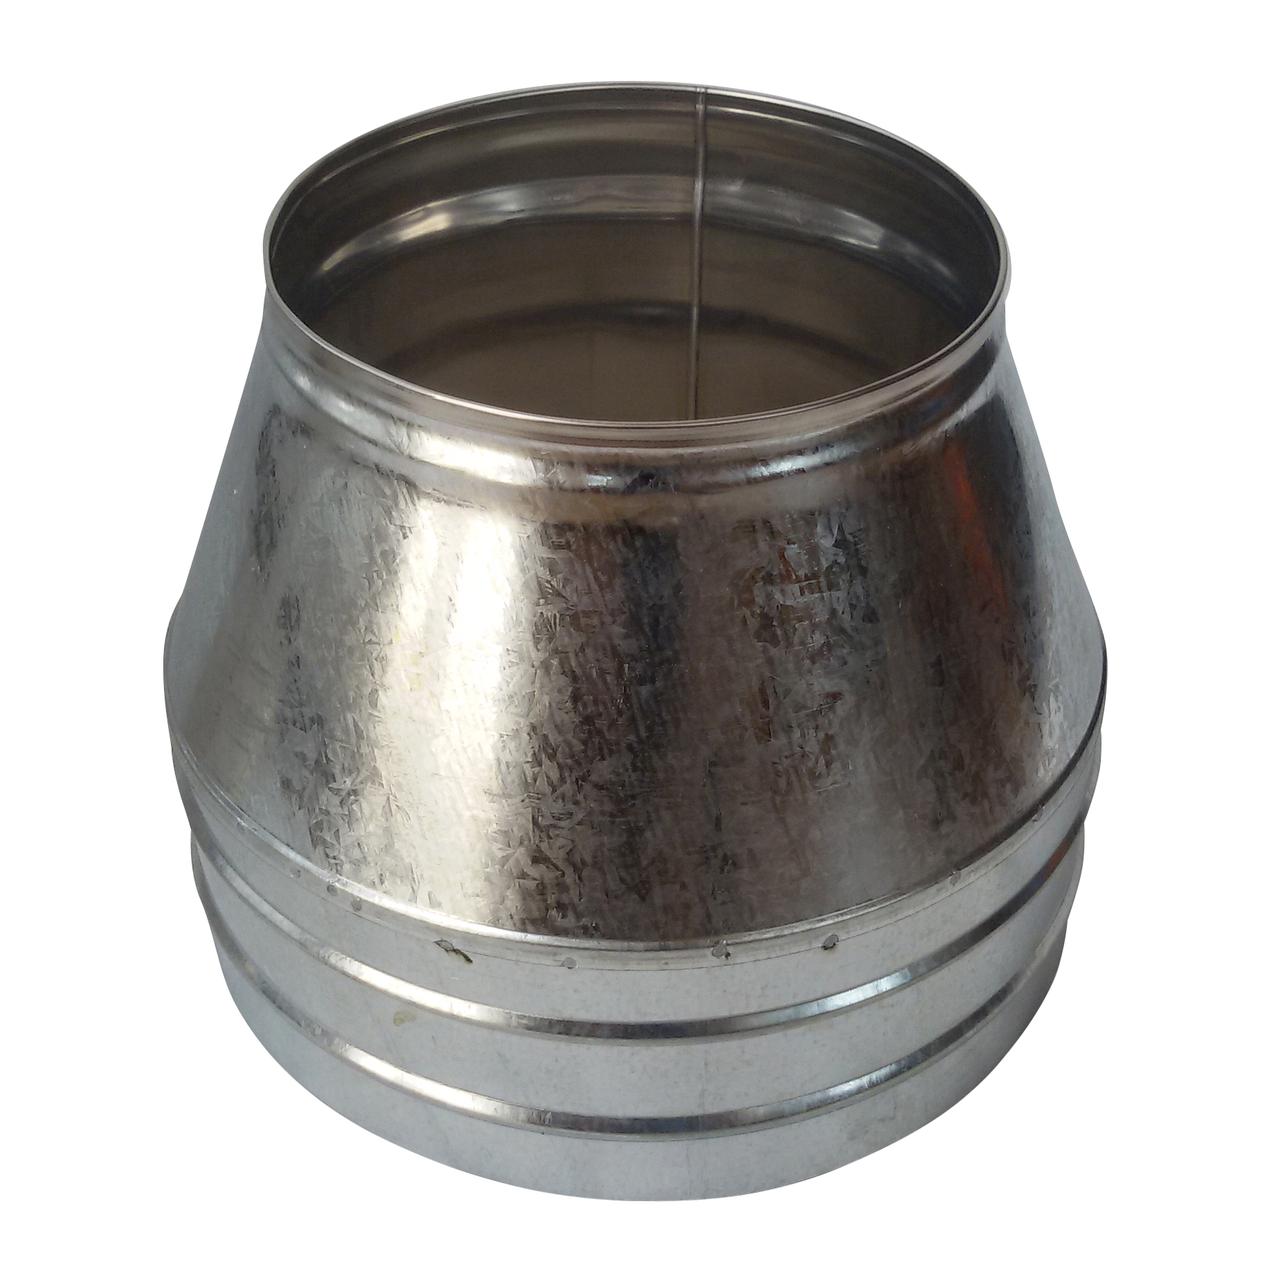 Конус-сэндвич ø180 мм 0,5 мм AISI 304 нержавейка/оцинковка для дымохода дымоходный вентиляции Версия-Люкс